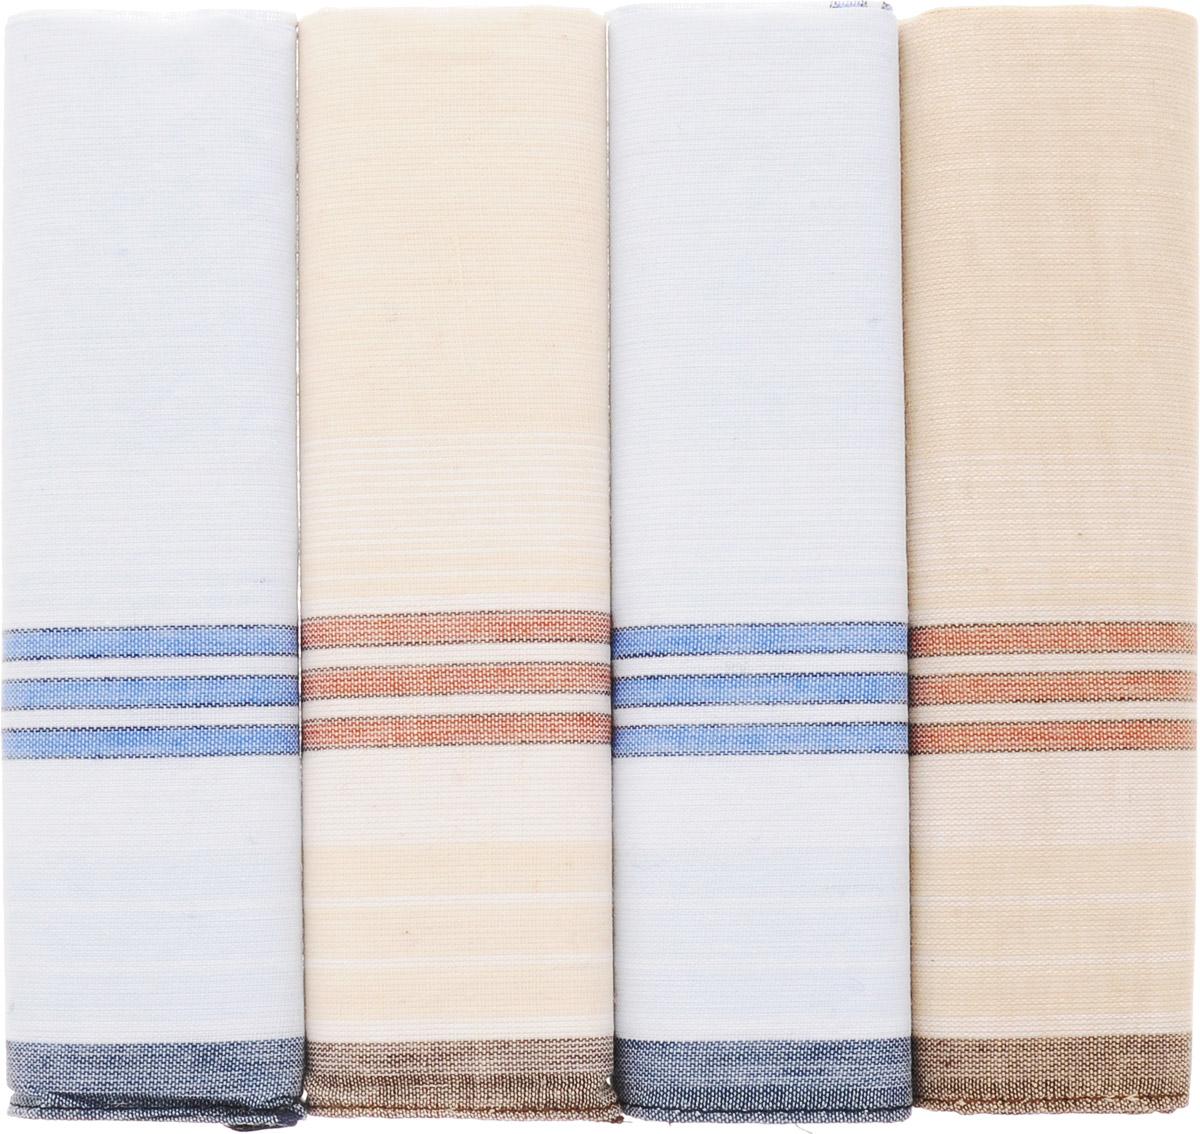 71419-7 Zlata Korunka Носовой платок мужской, цвет: мультиколор, 34х34 см, 4 шт71419-7Платки носовые мужские в упаковке по 4 шт. Носовые платки изготовлены из 100% хлопка, так как этот материал приятен в использовании, хорошо стирается, не садится, отлично впитывает влагу.